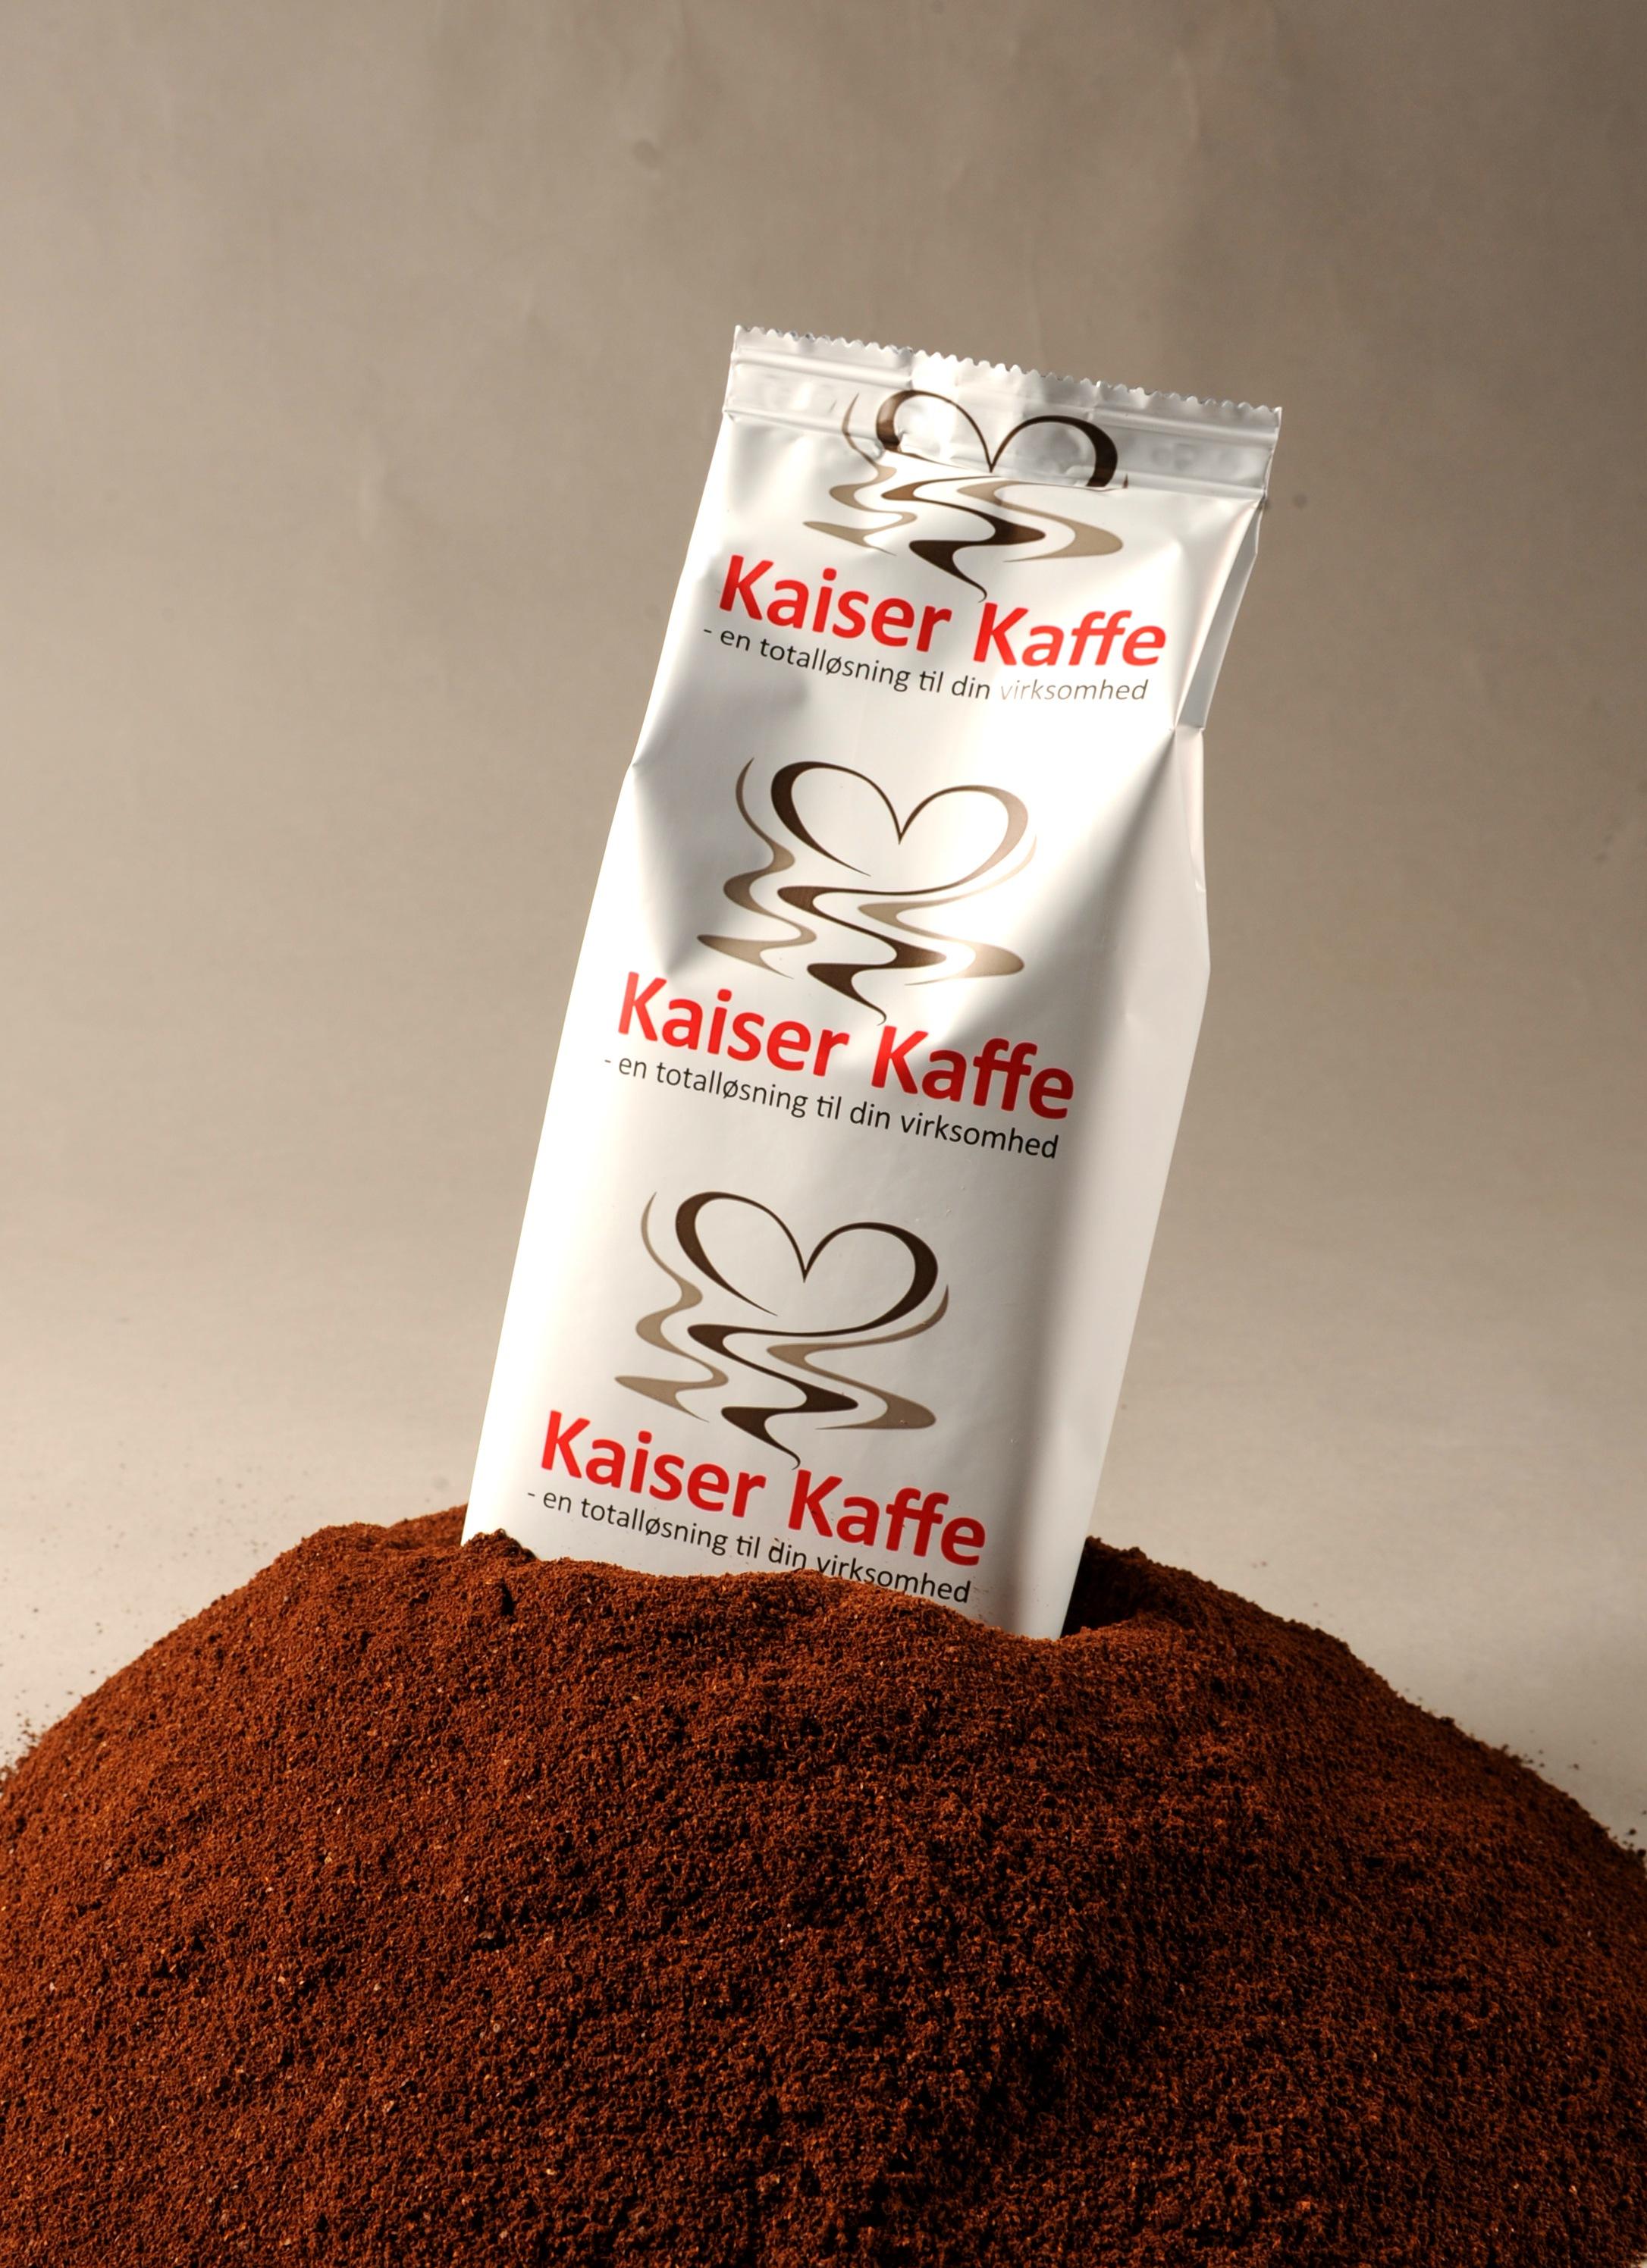 DSC 3972 - Kaffe